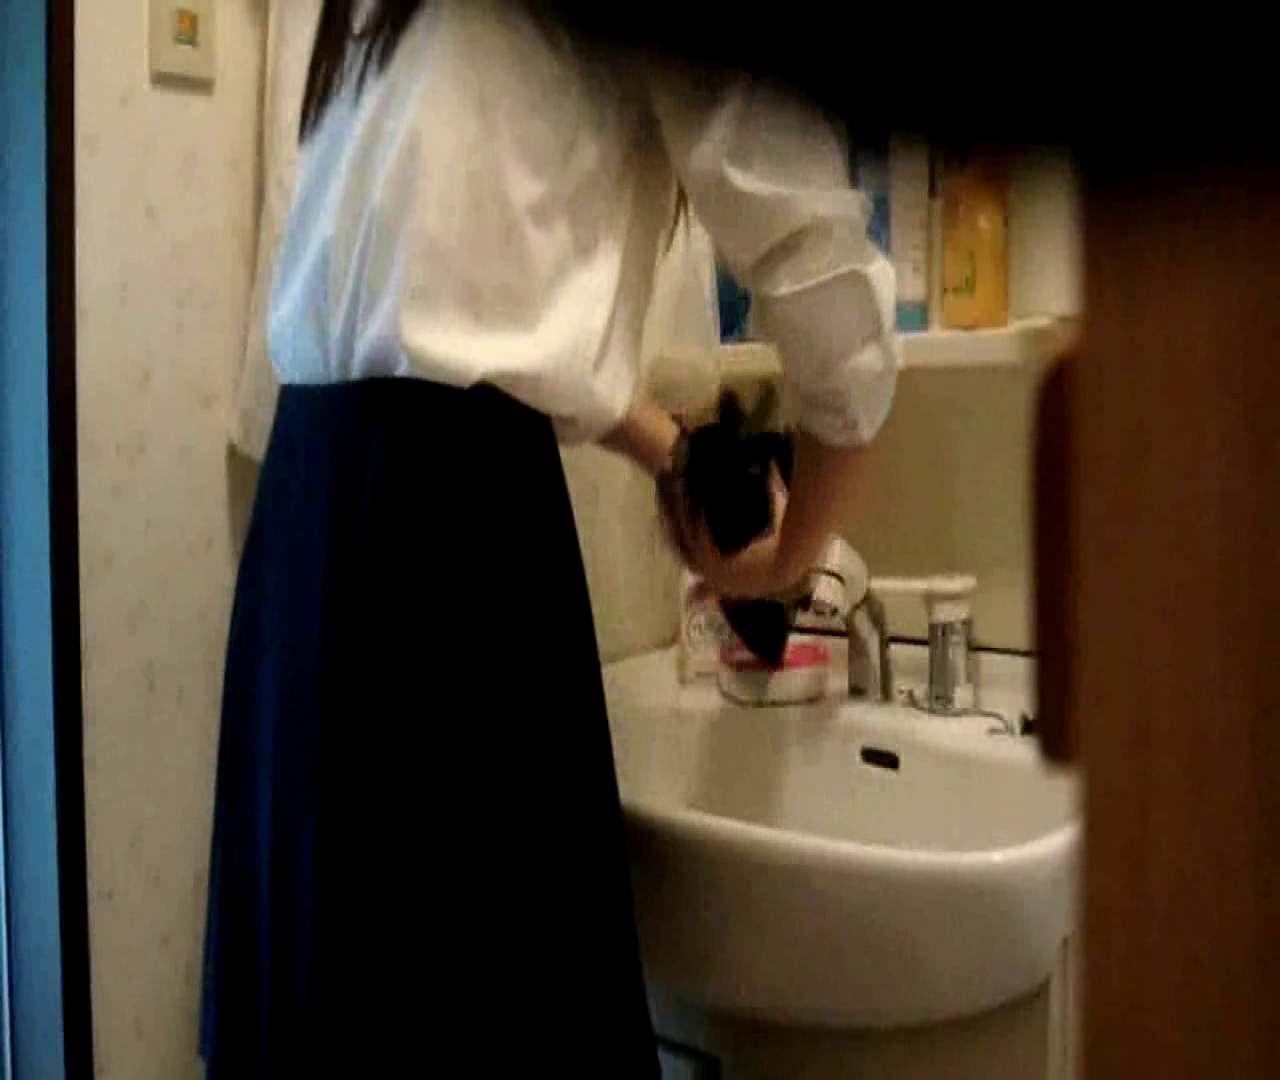 二人とも育てた甲斐がありました… vol.05 まどかが洗顔後にブラを洗濯 盗撮シリーズ | おまんこ見放題  79PIX 73